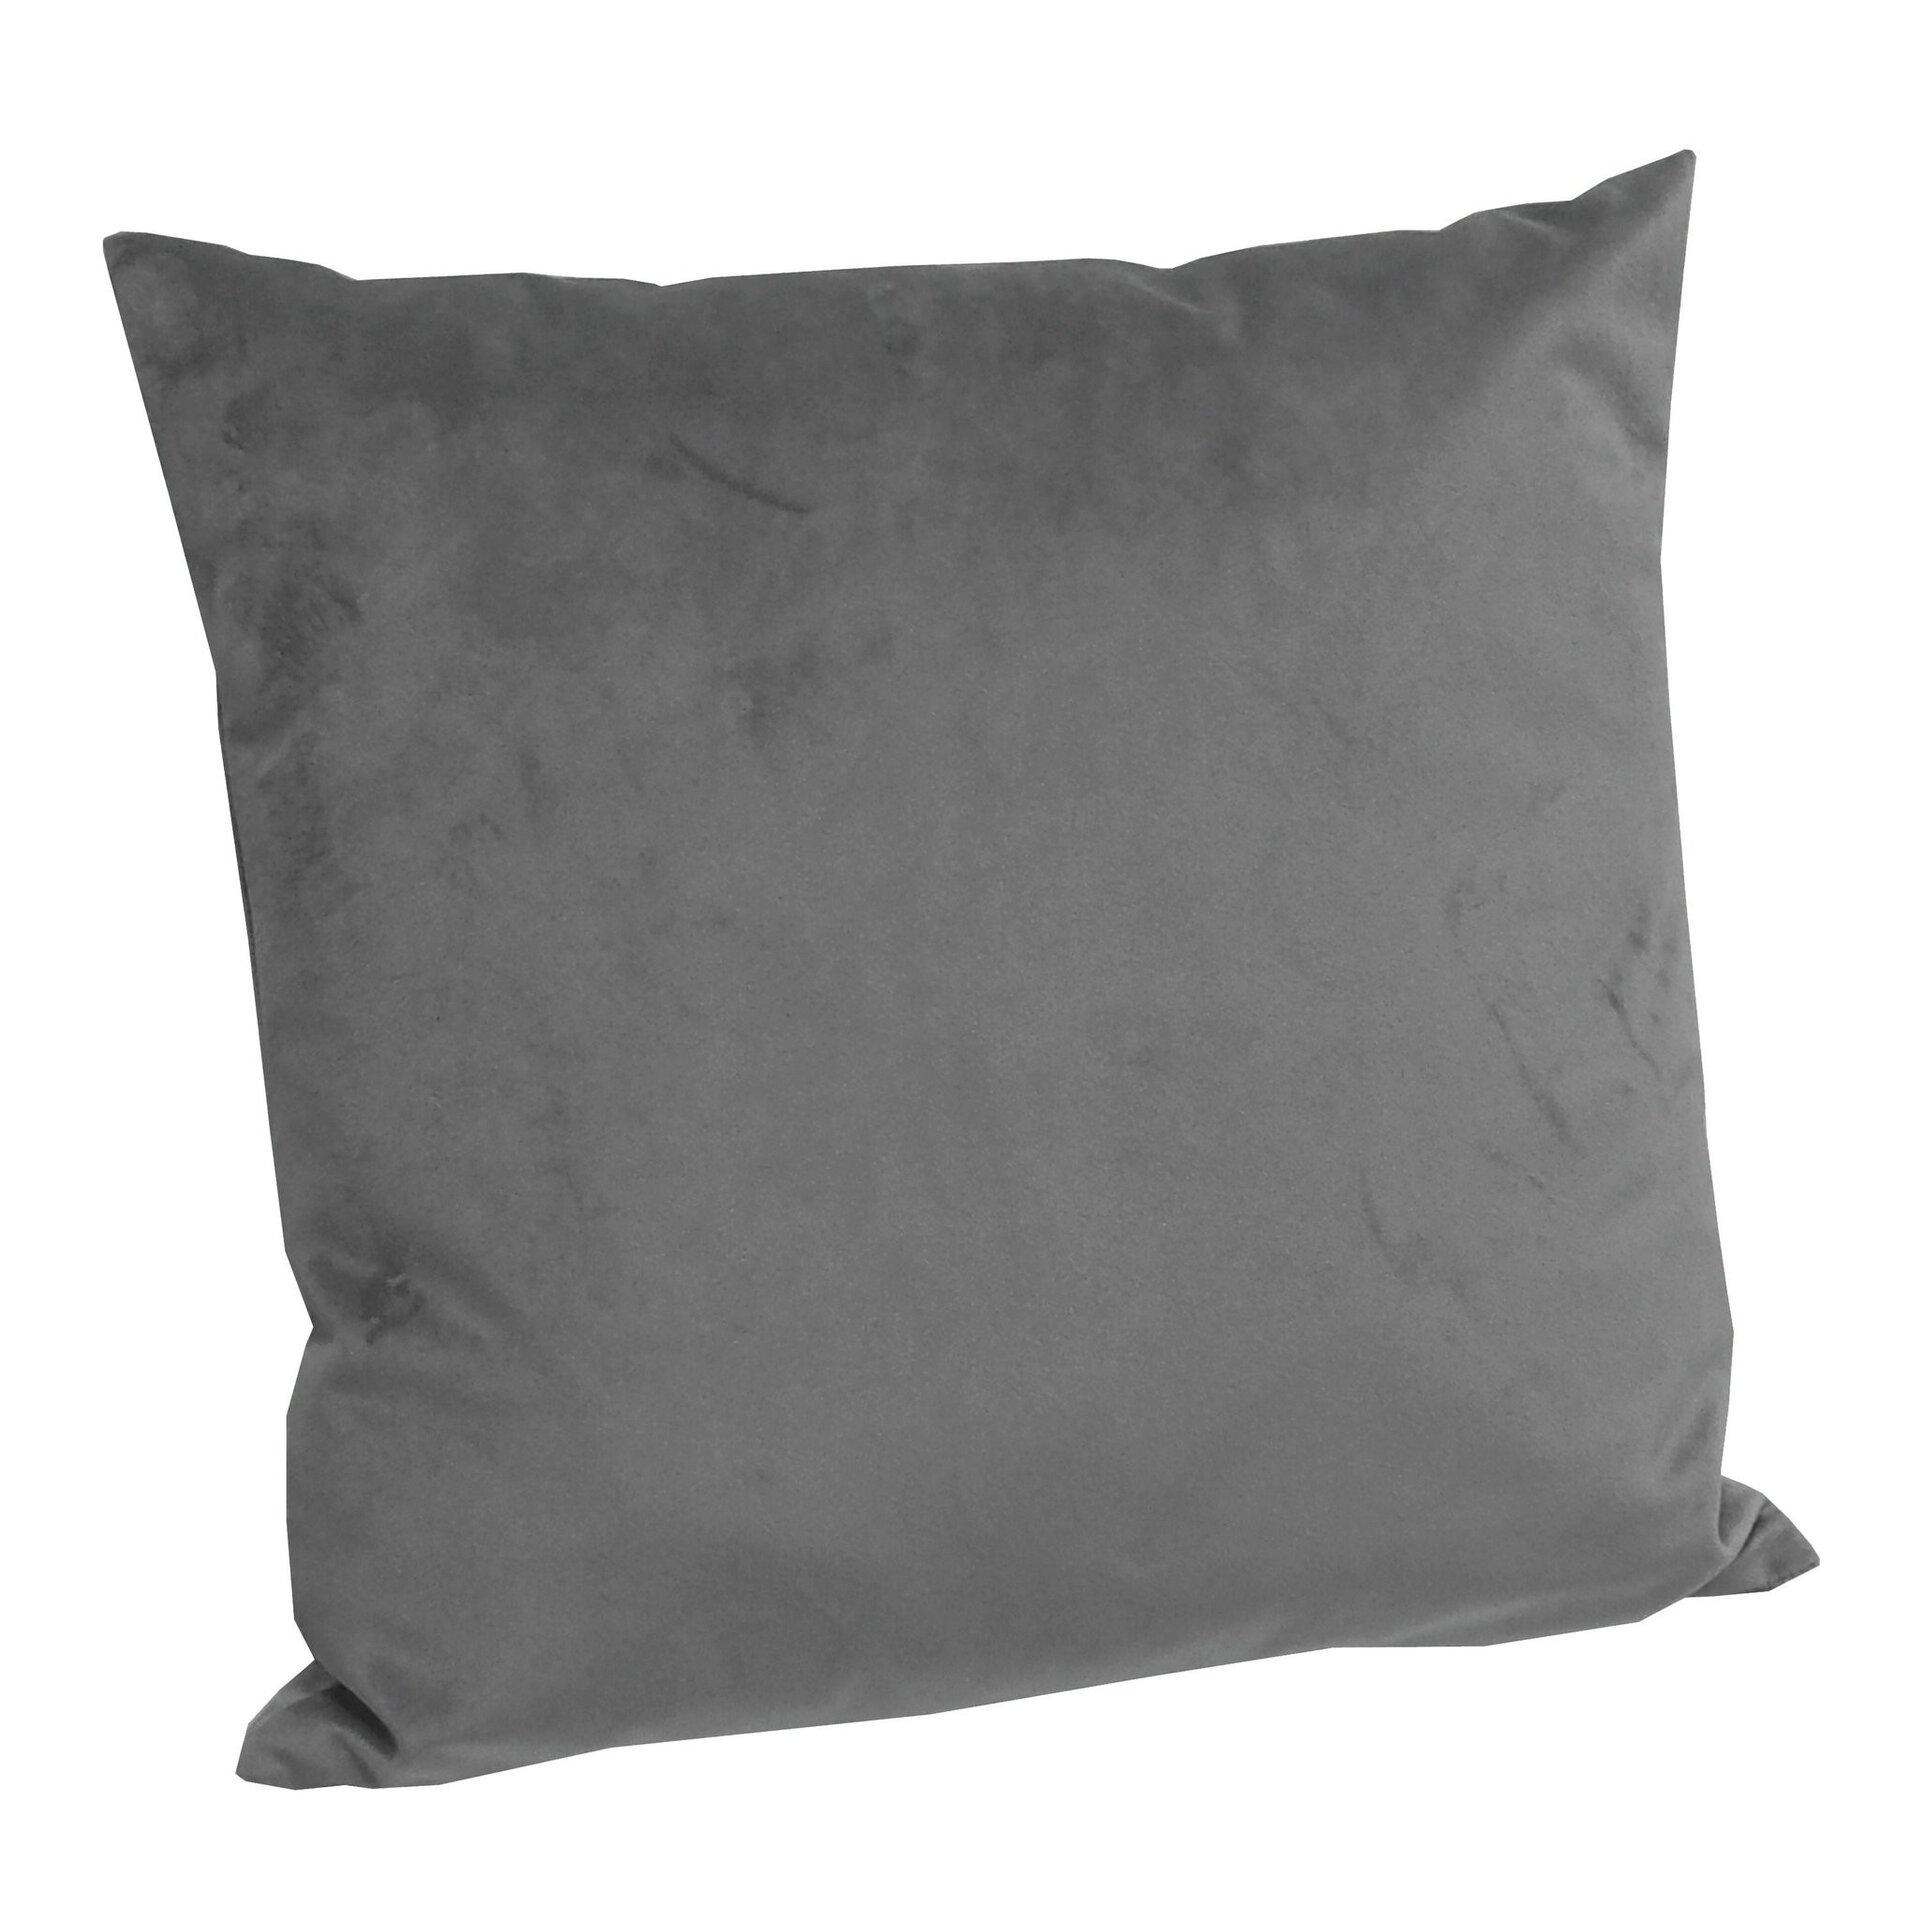 Kissenhülle Estelle Verena 40 Sun Garden Textil beige 40 x 40 cm